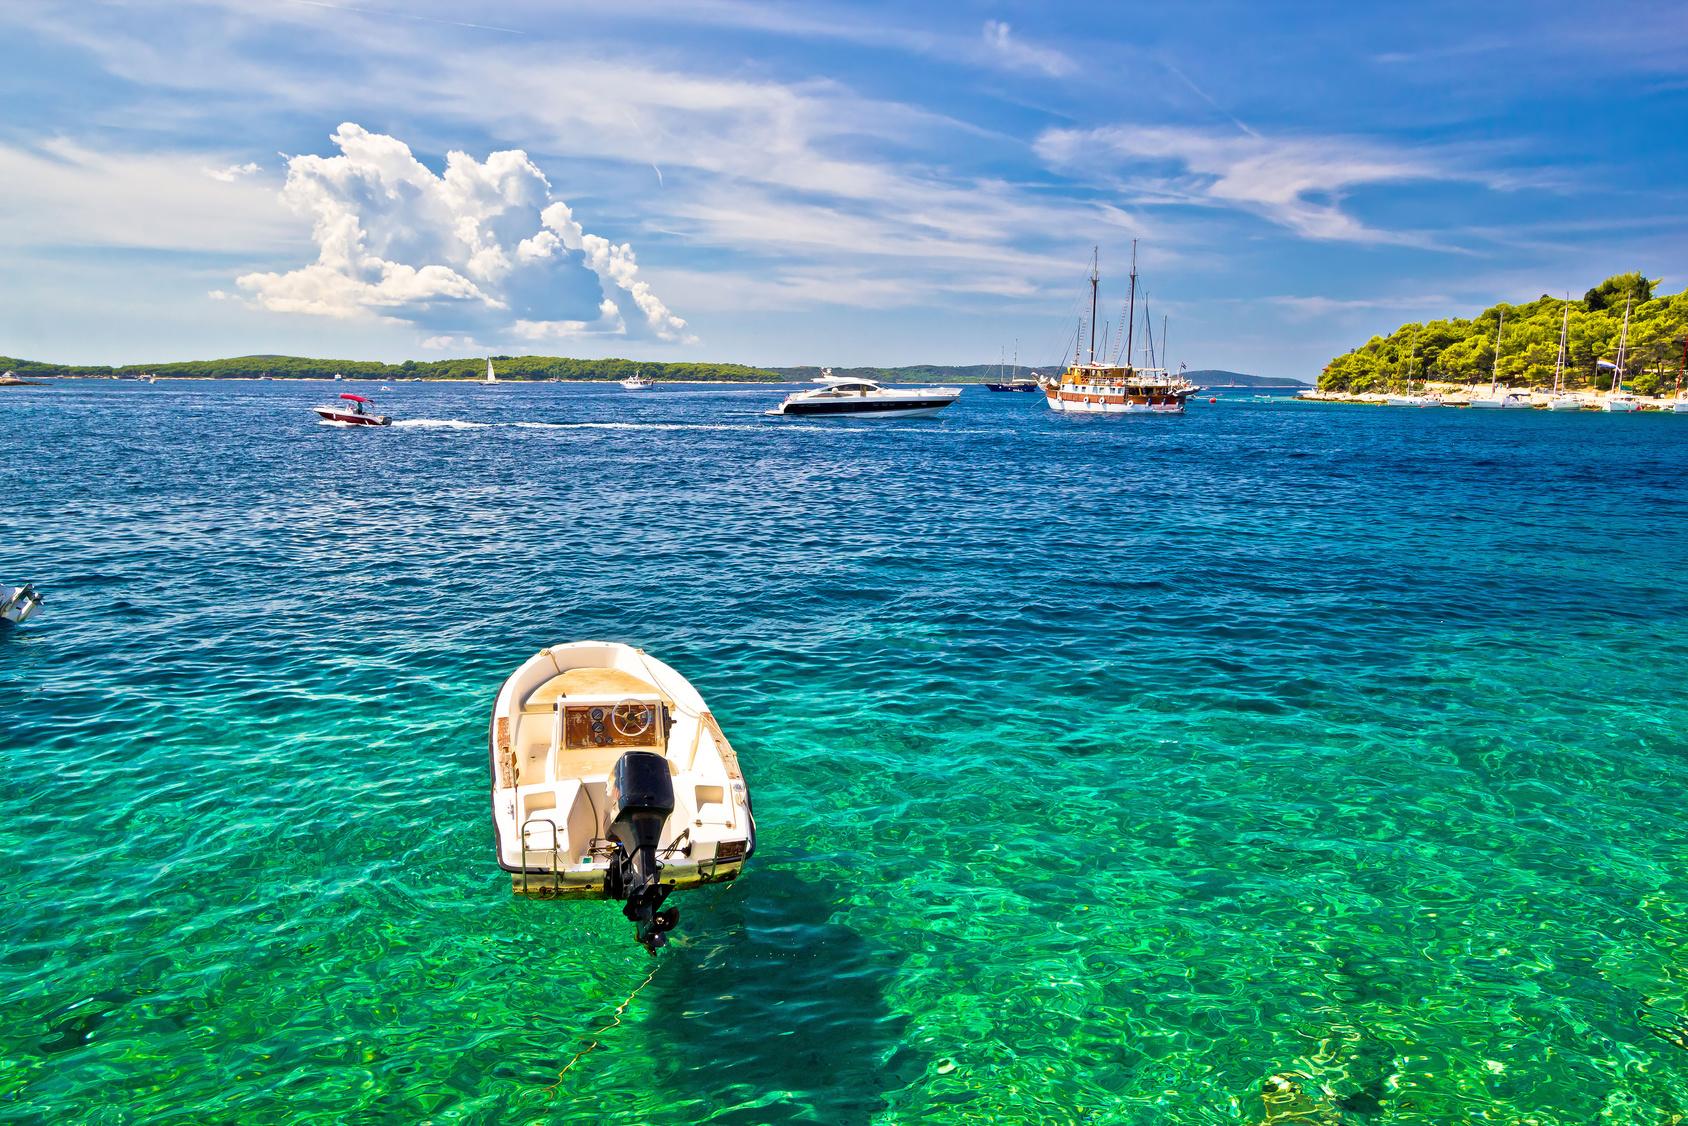 Paklinski islands anchorage